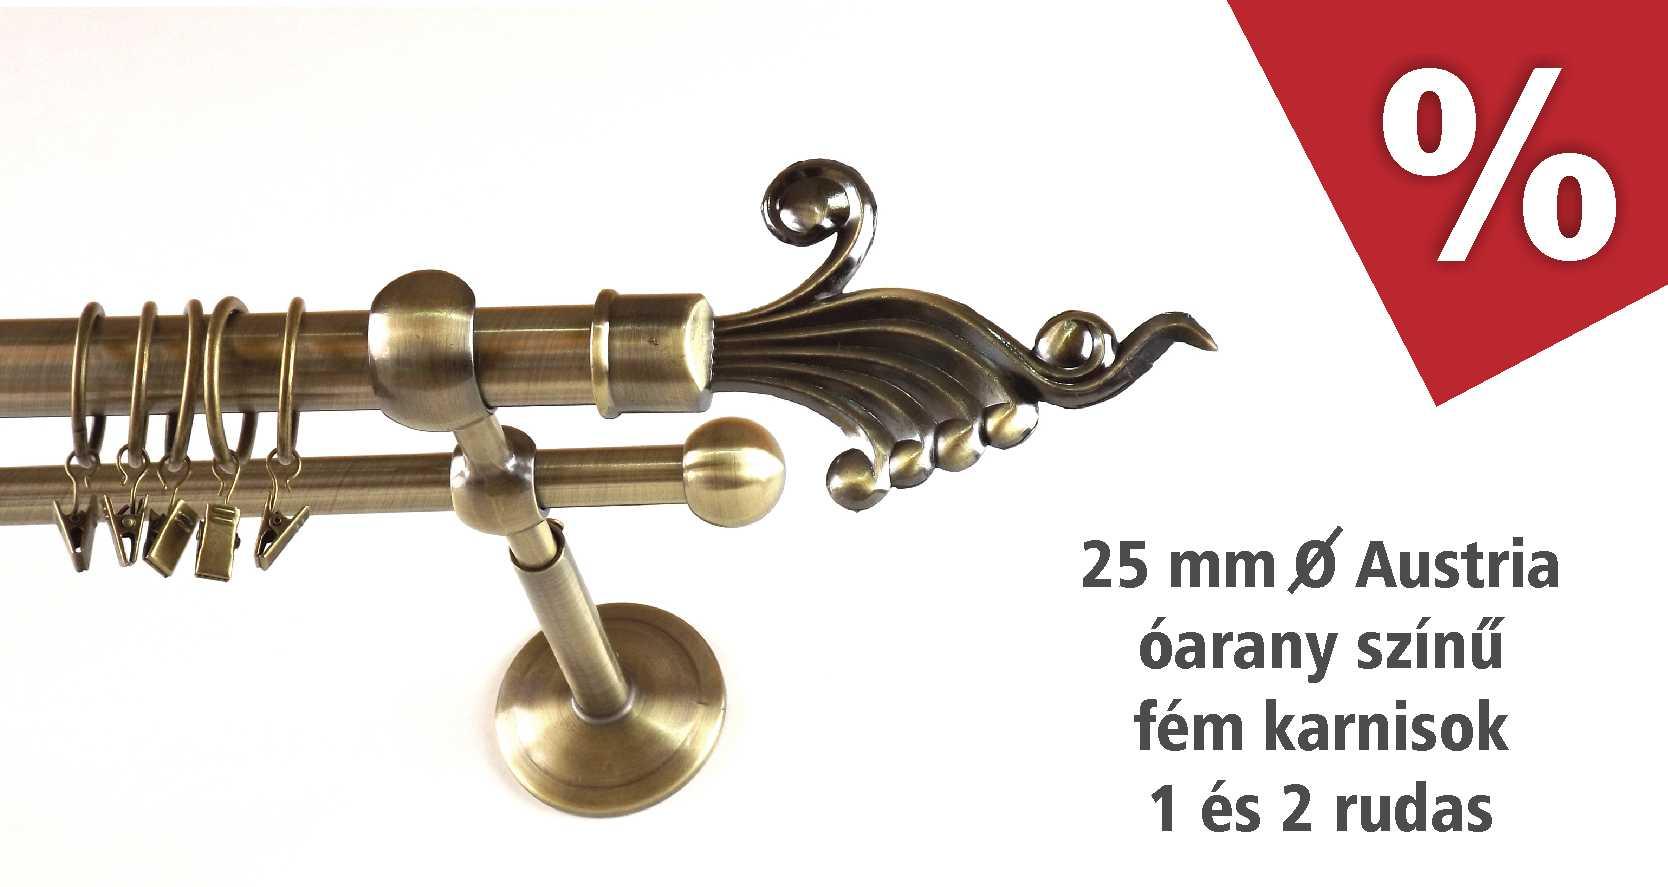 Austria óarany színű 1 és 2 rudas fém karnis szettek akciós áron - www.karnisstudio.hu